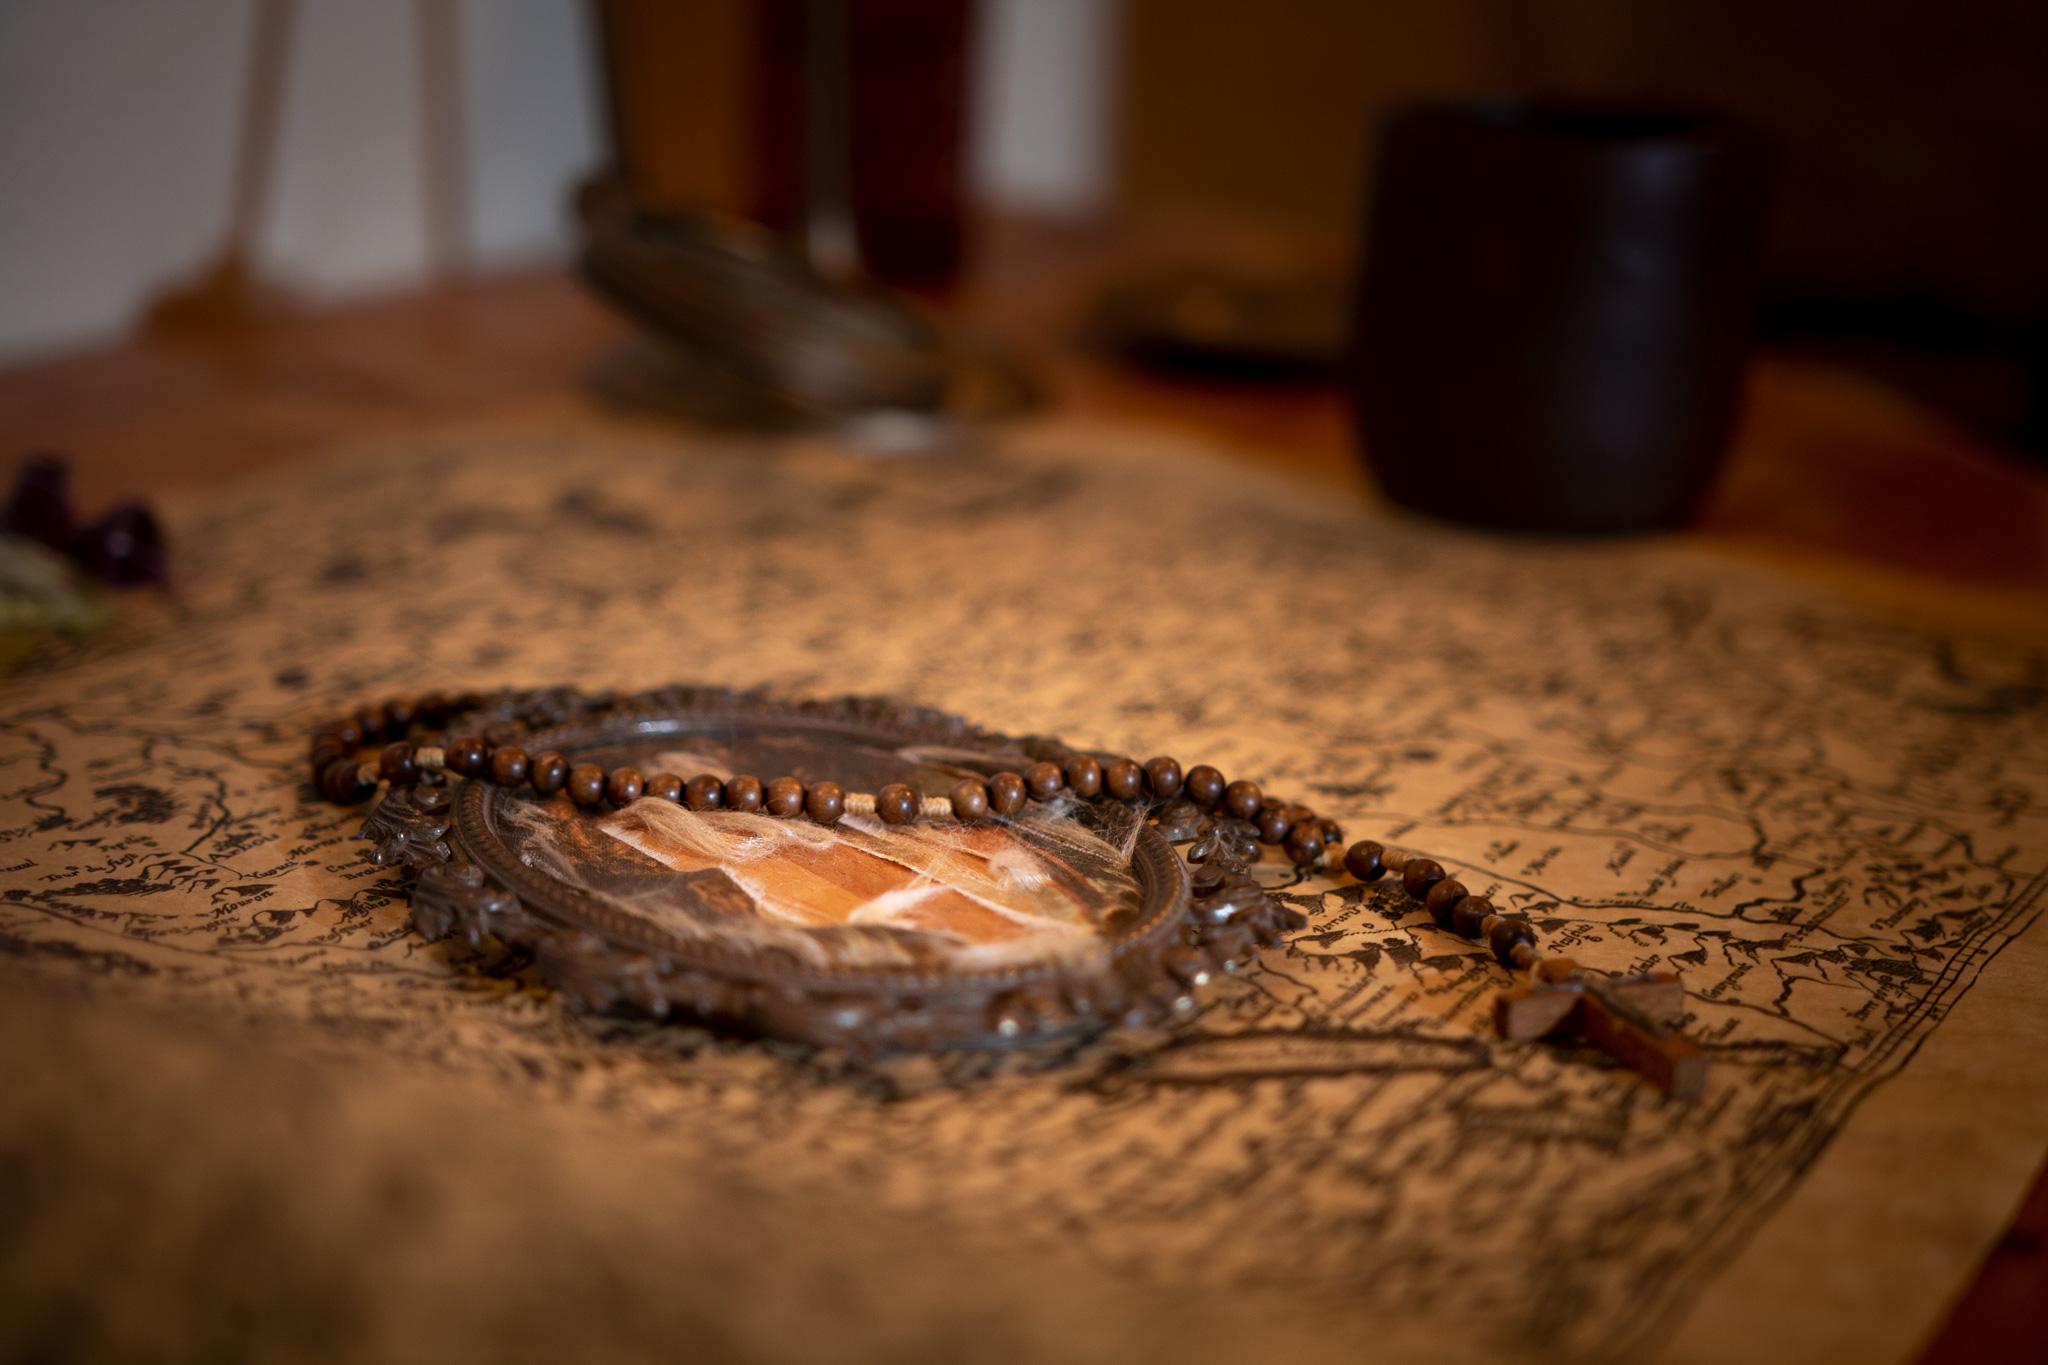 """Photographie d'une carte ancienne avec un médaillon et un chapelet prise dans la salle """"la colère de la vouivre"""" de fug game live escape Besançon. Photographie par le rat et l'ours graphiste."""